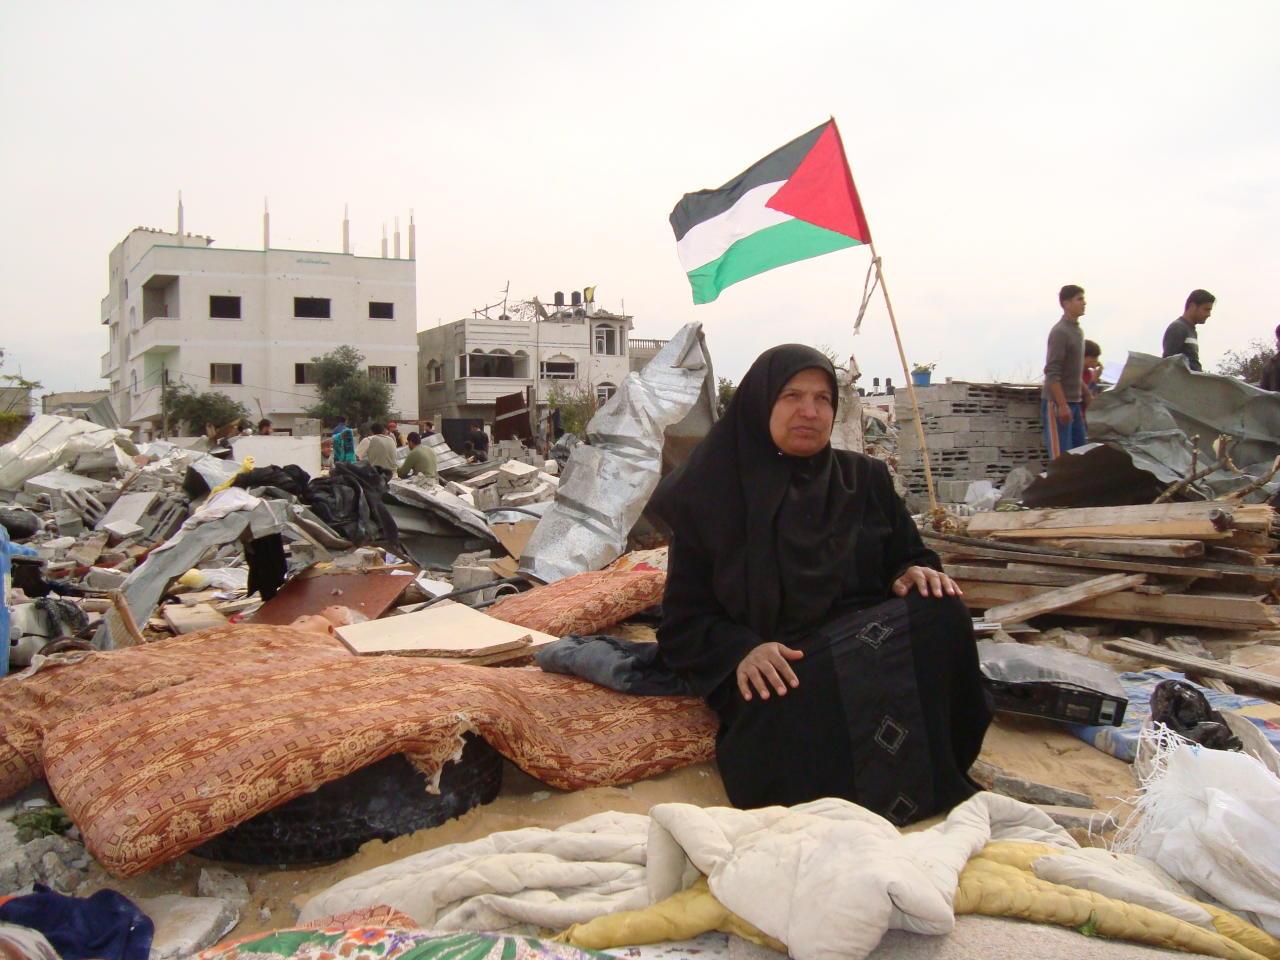 تقرير إسرائيلي يحذر من اندلاع حرب جديدة مع حماس